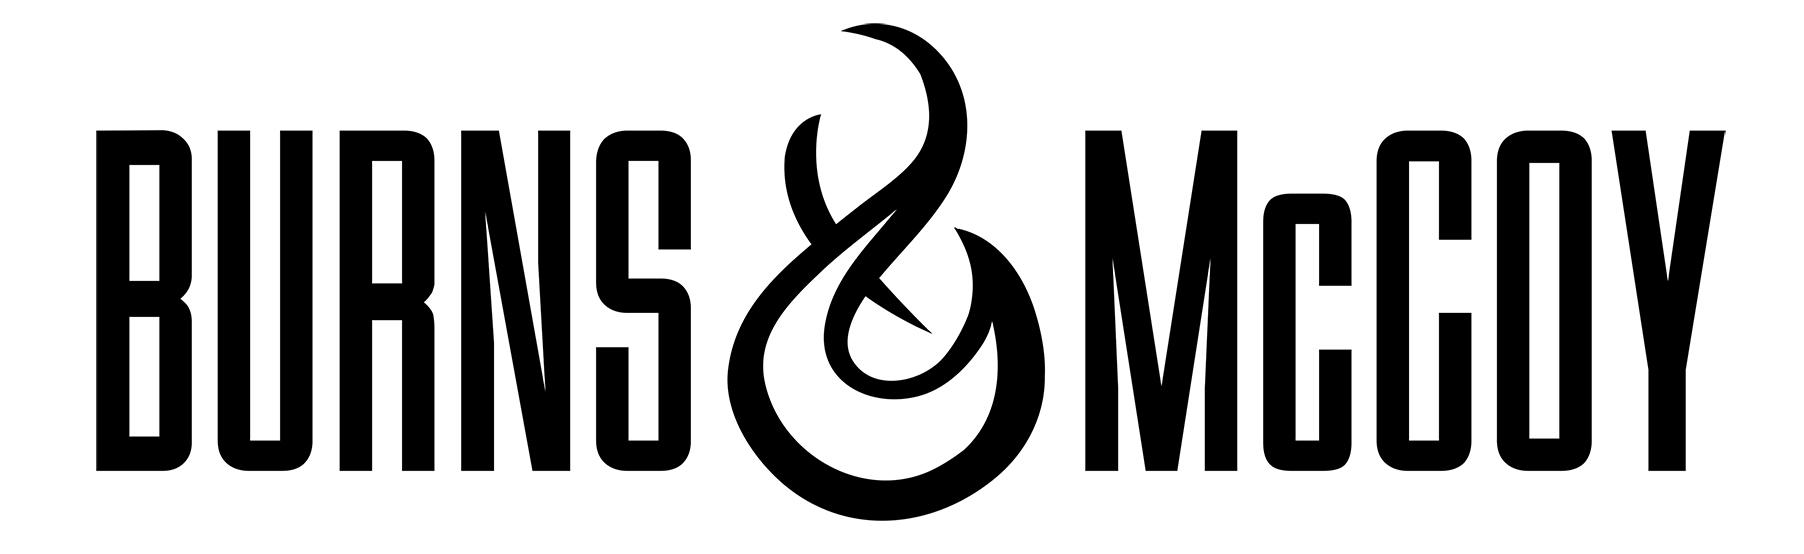 BM_WEB LOGO.jpg